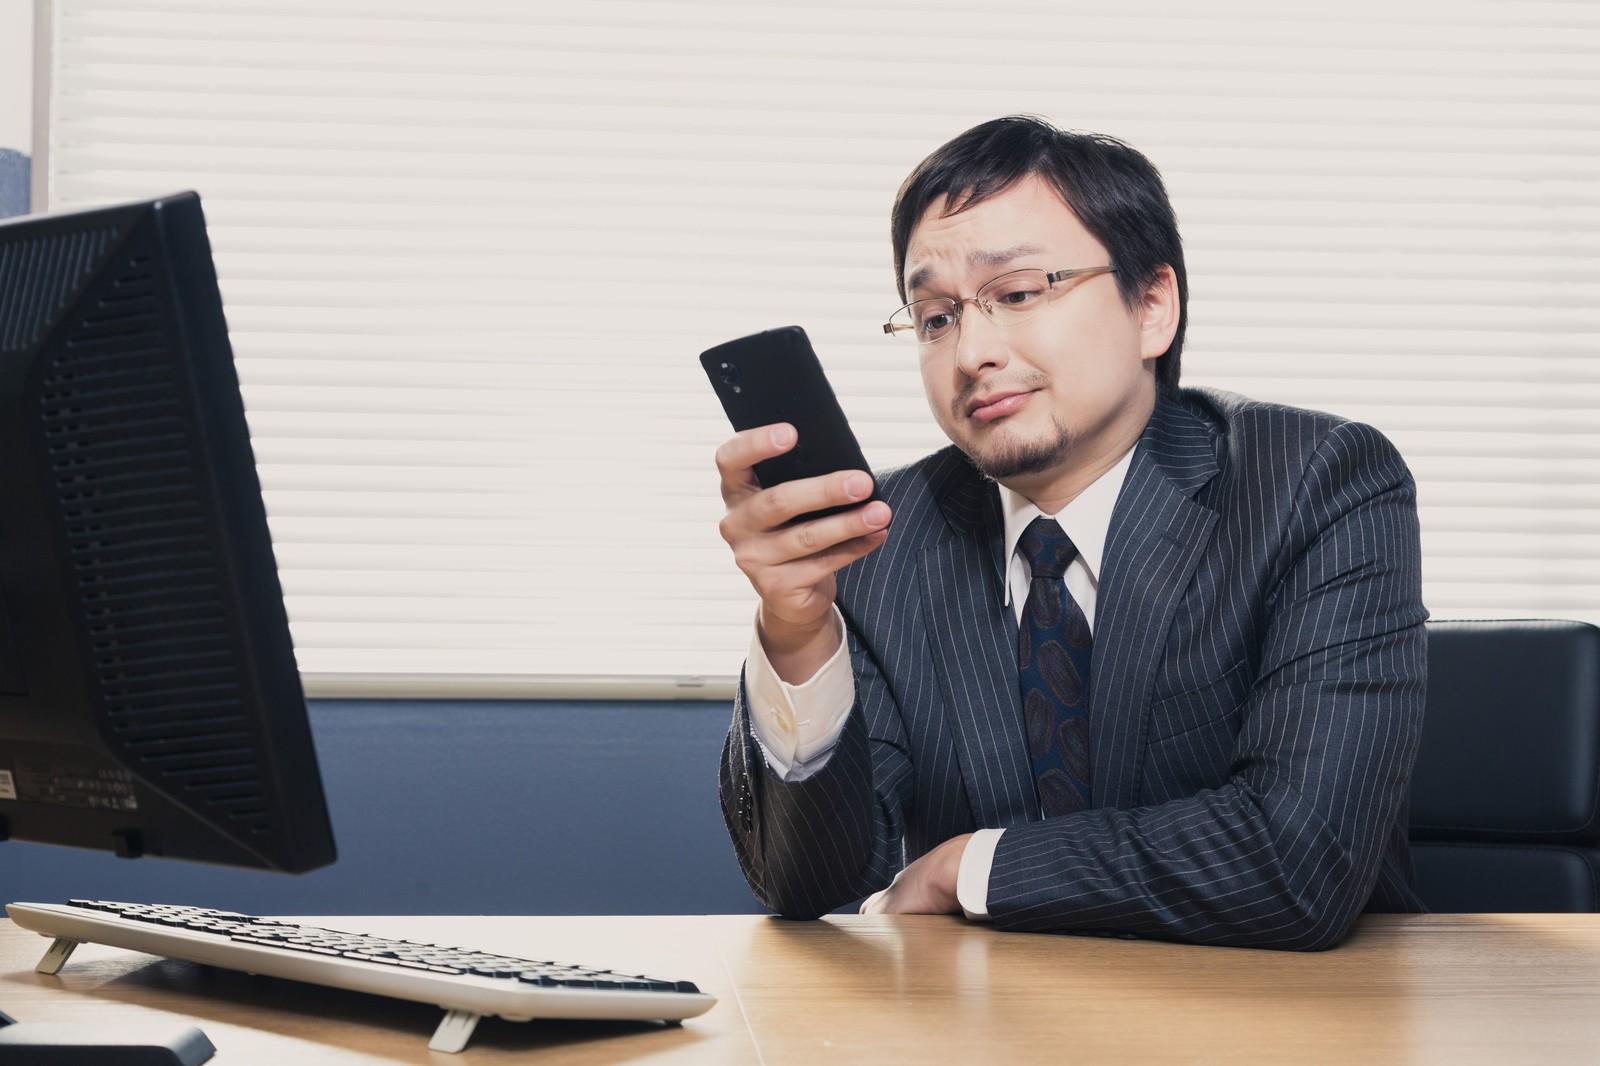 社内外で使っている連絡手段を教えます。